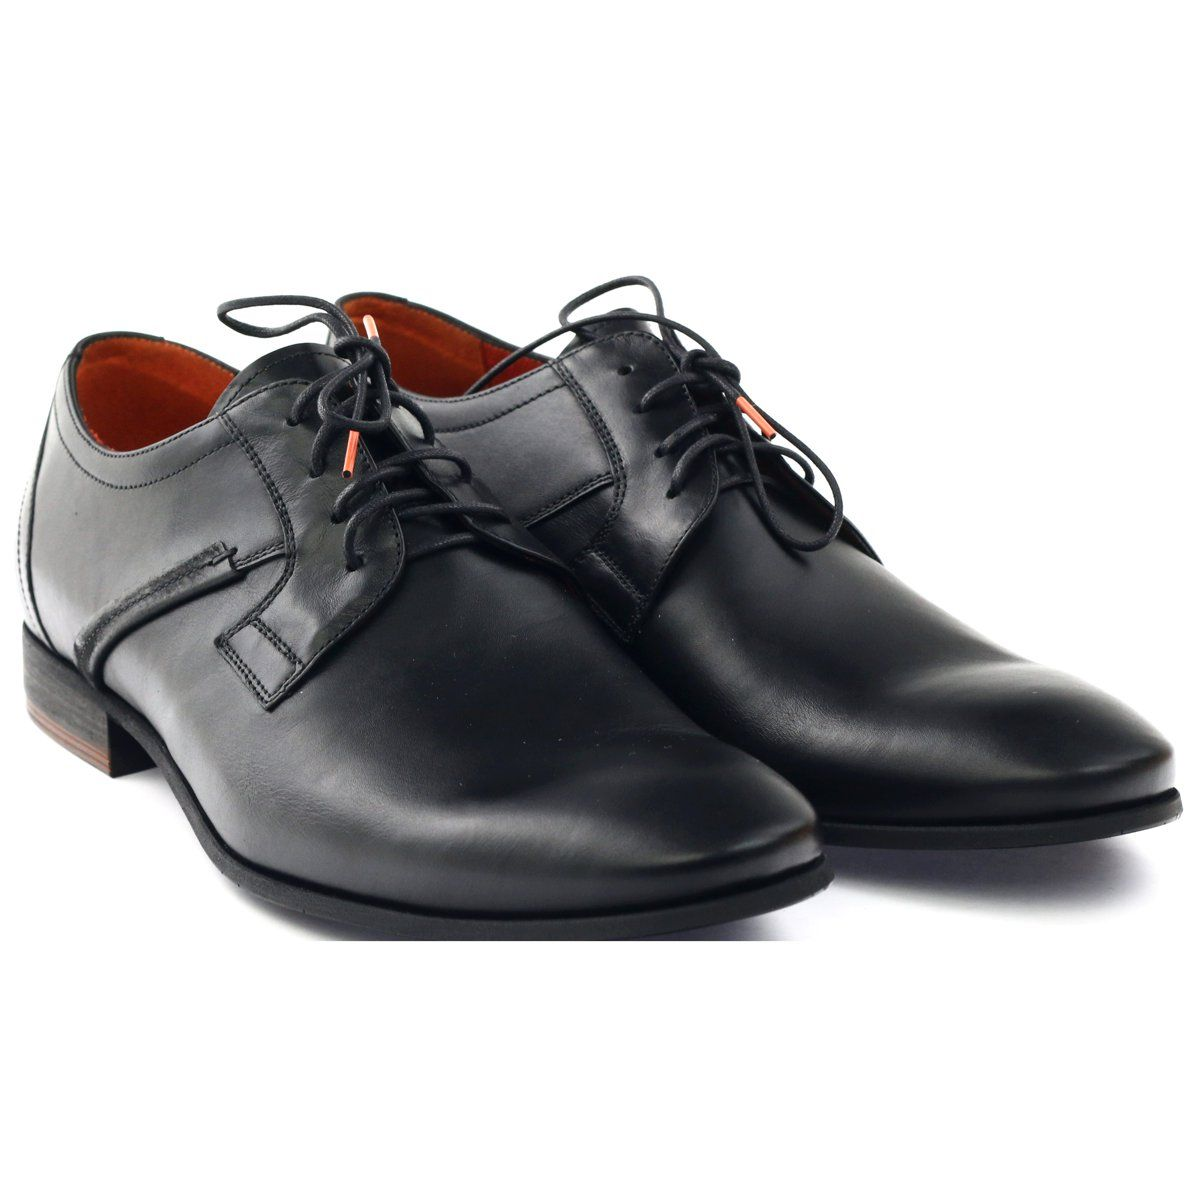 Polbuty Meskie Pilpol Pc007 Czarne Nowosc Dress Shoes Men Shoes Lace Up Shoes